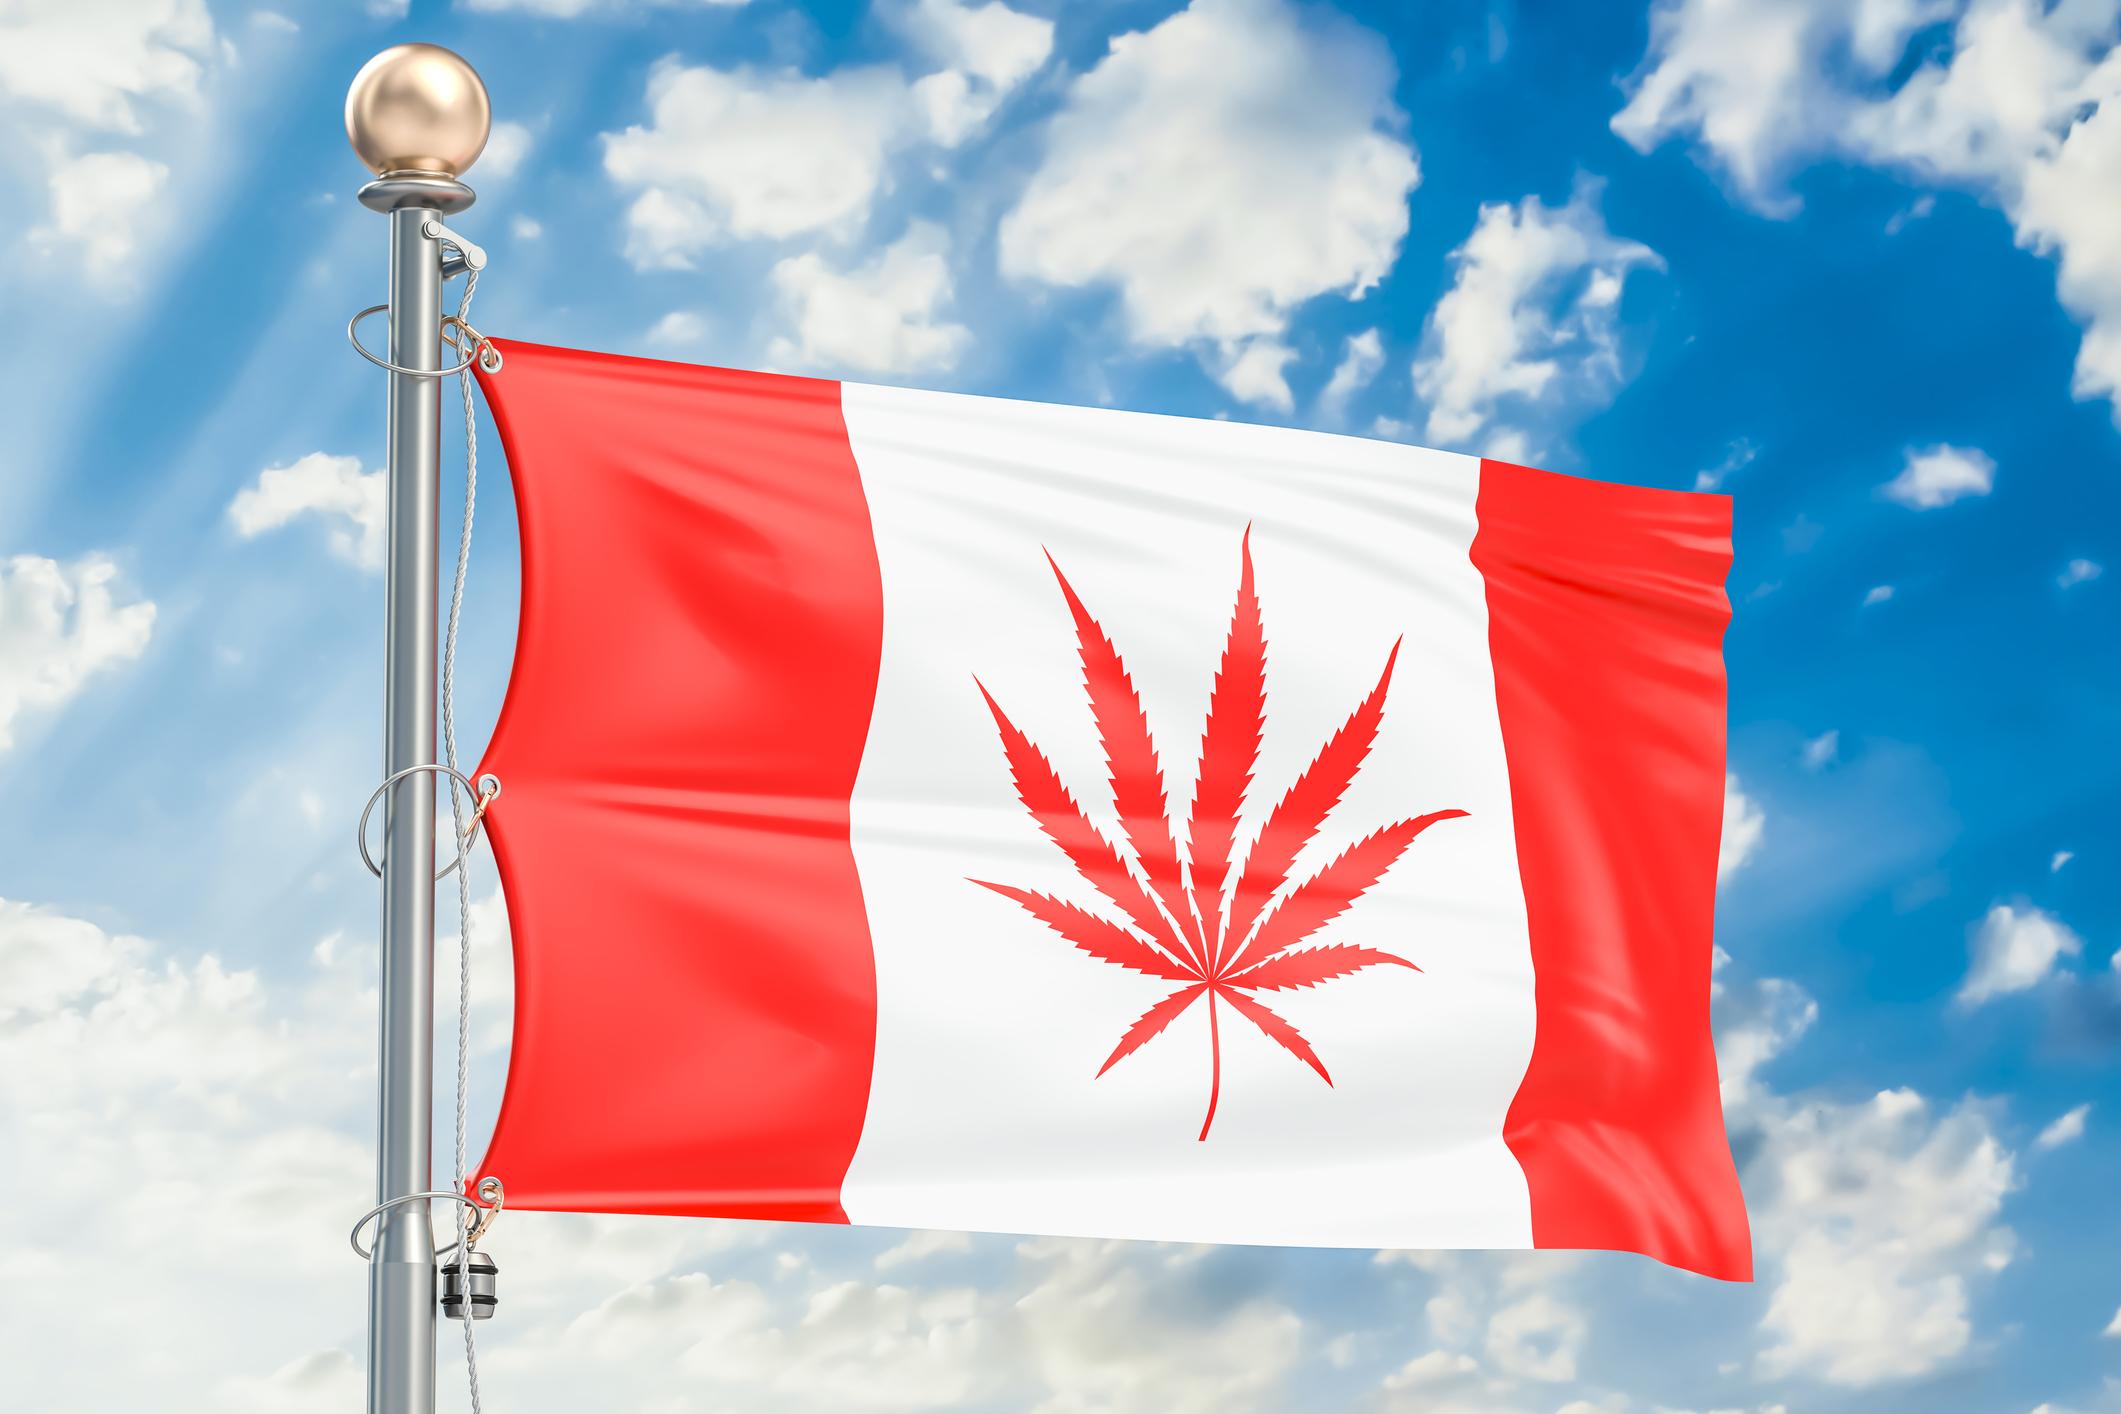 Canadian flag with marijuana leaf instead of maple leaf